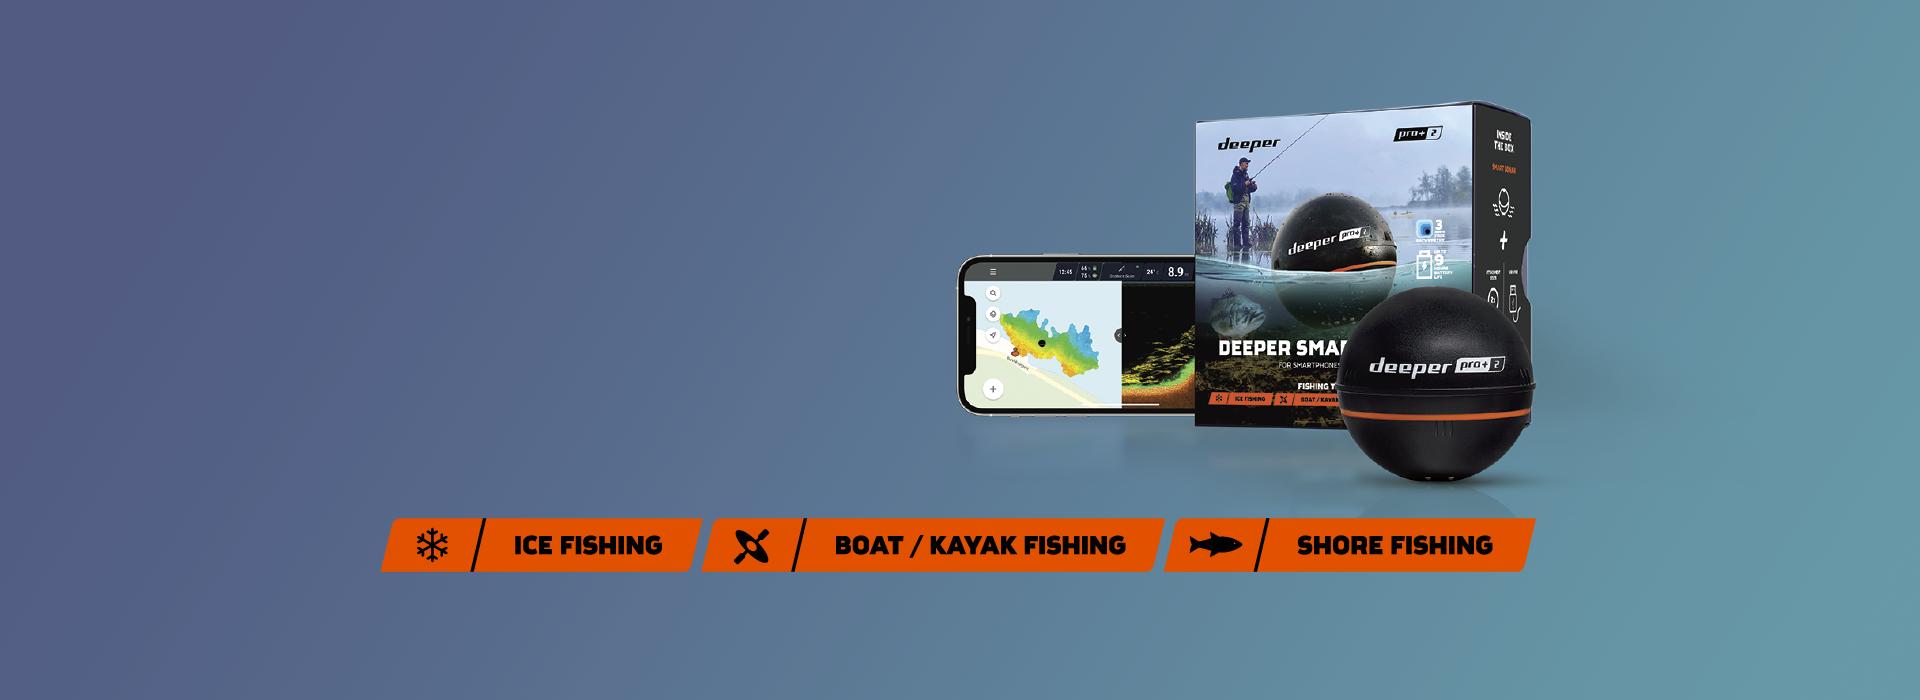 Yeni Deeper PRO+ 2! Dünya çapındaki birçok balıkçının vazgeçilmez. Artık daha gelişmiş ve daha da iyi.